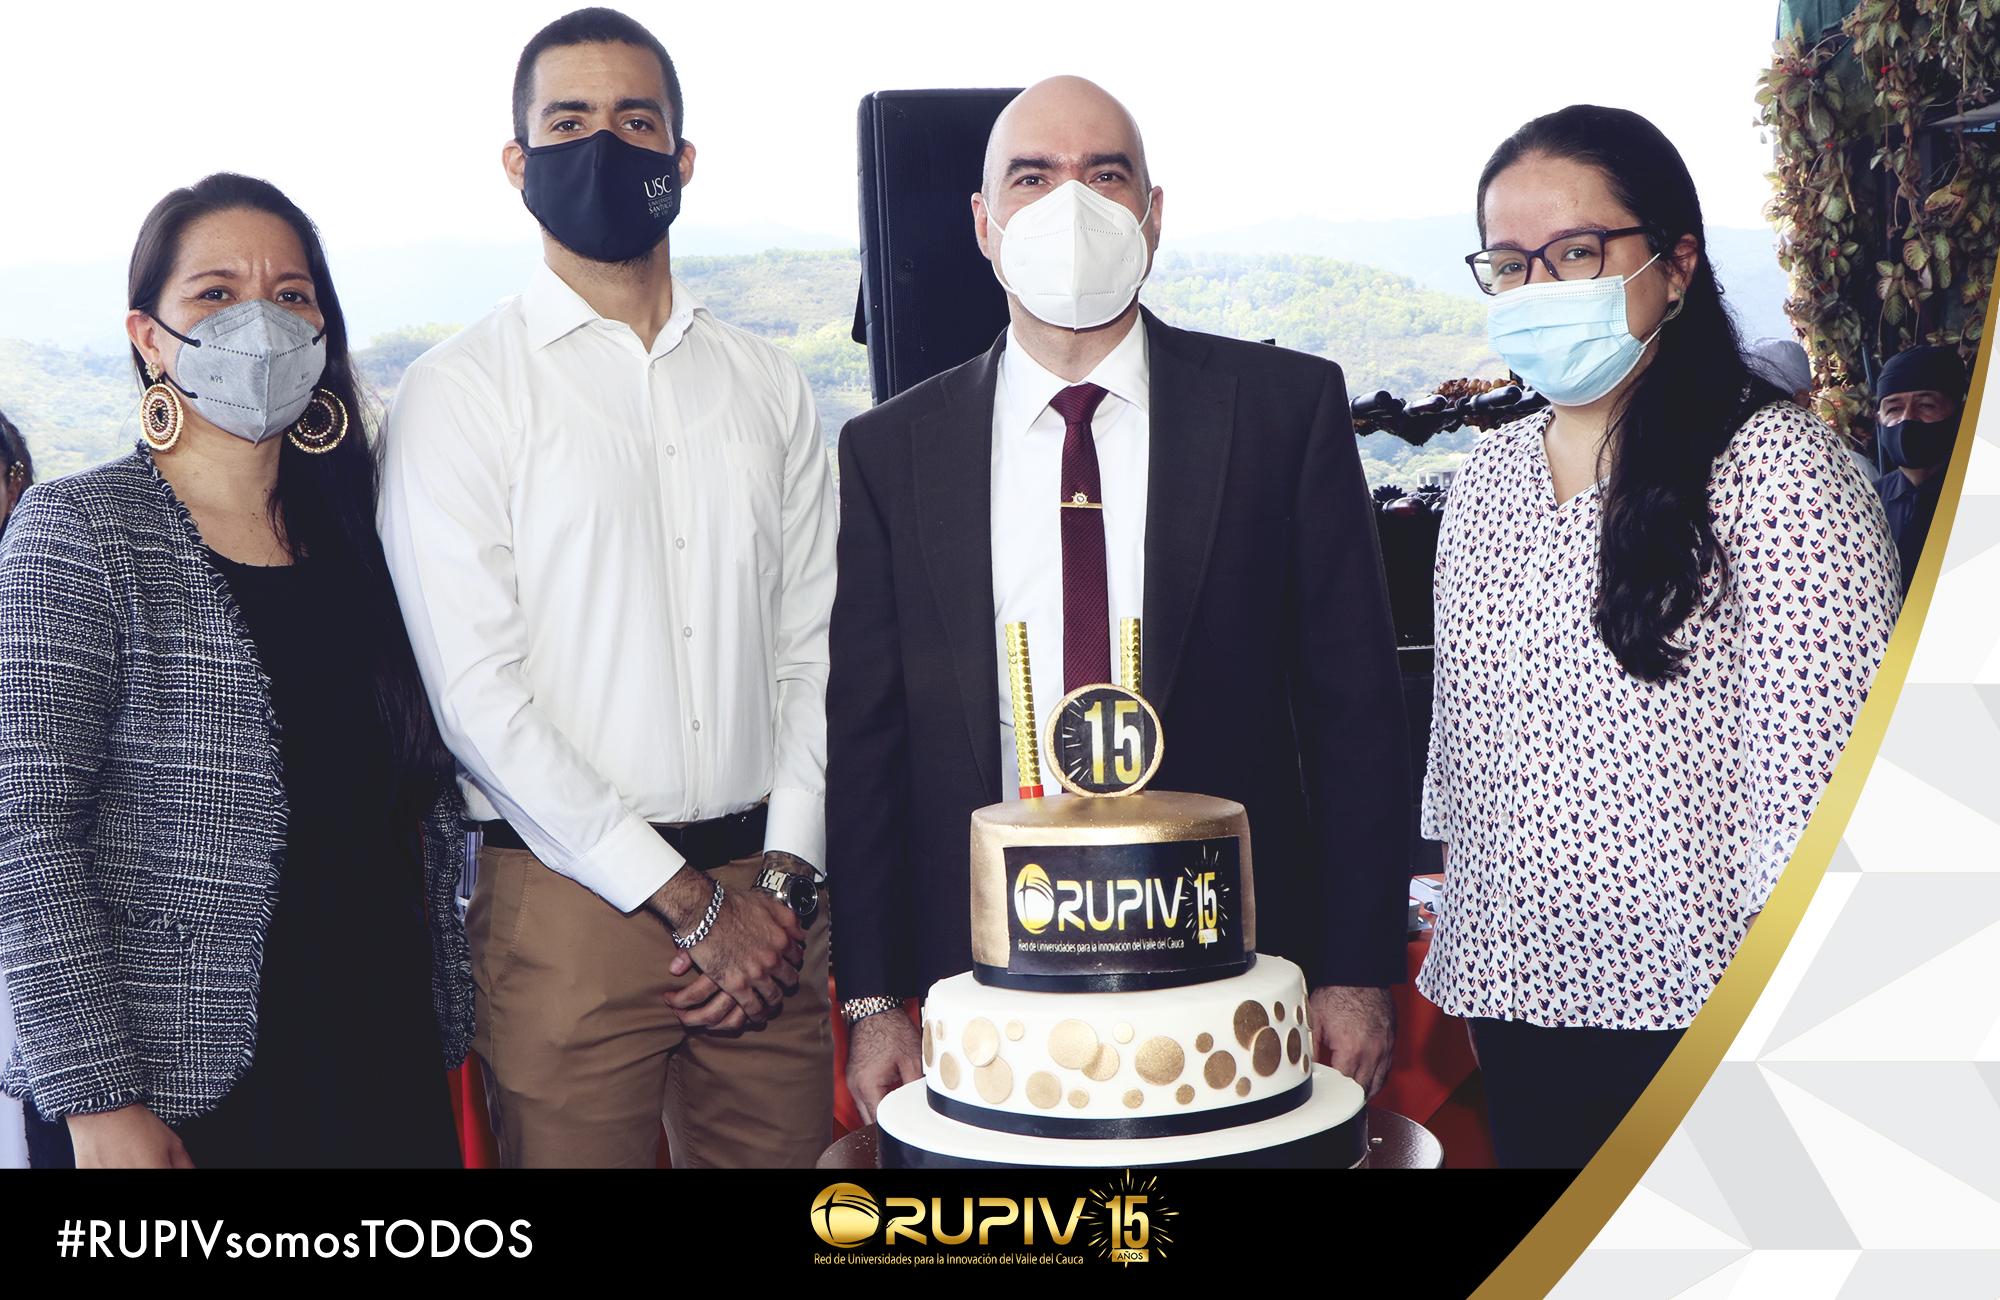 15 años de Innovación, 15 años de nuestra RUPIV